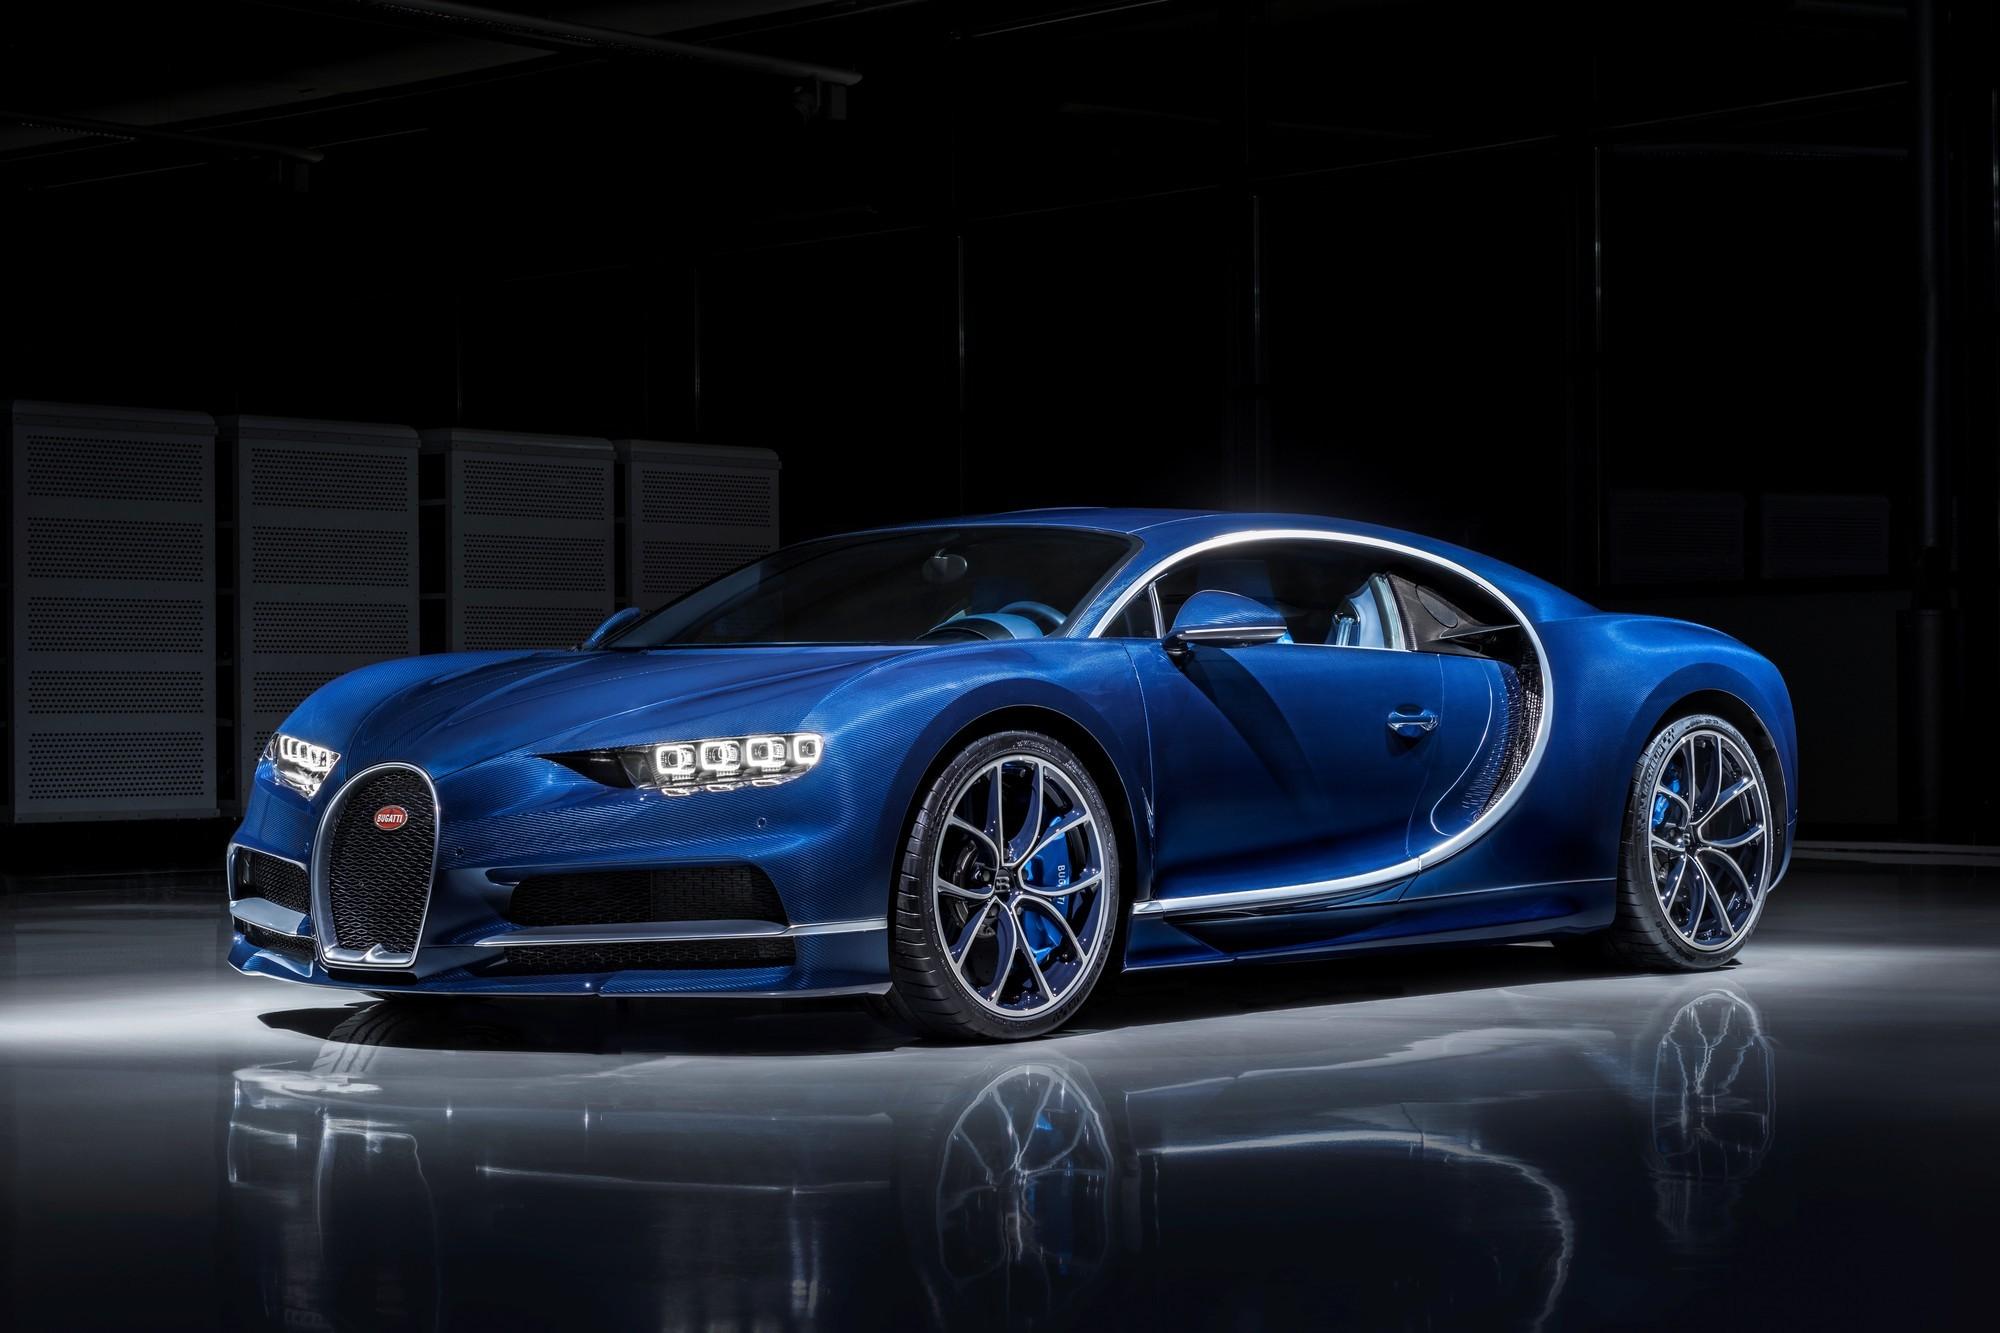 Уходит целая эпоха: Bugatti завершает производство гиперкара Chiron